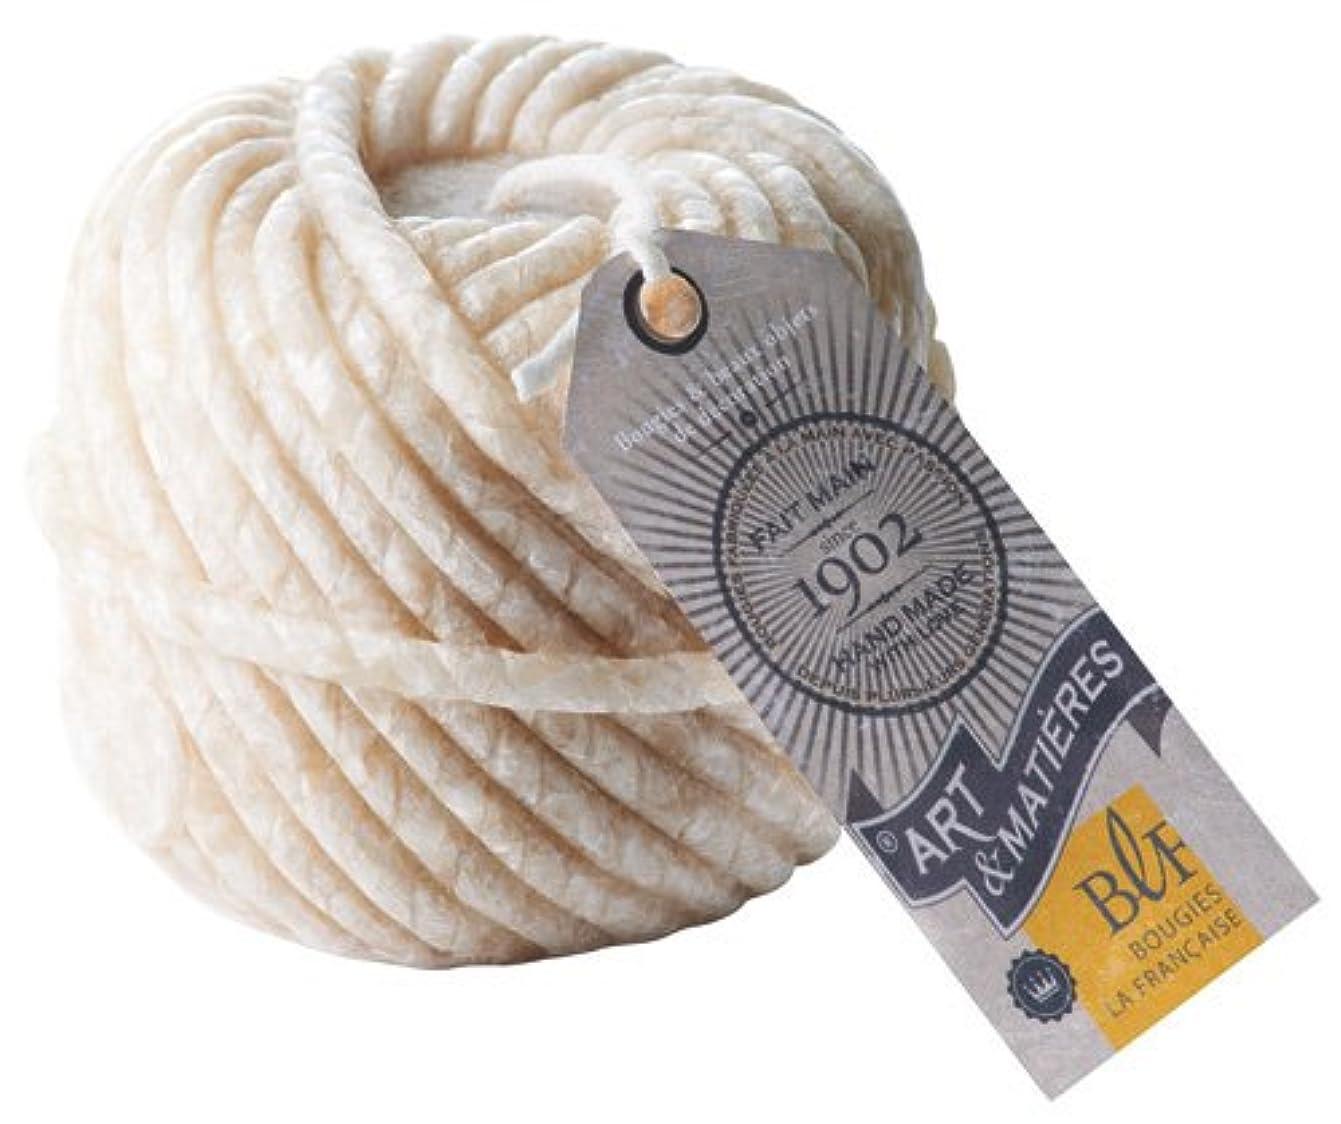 望みグループ欠伸ブジ?ラ?フランセーズ 本物の毛糸玉のような ウールボールキャンドル ホワイト